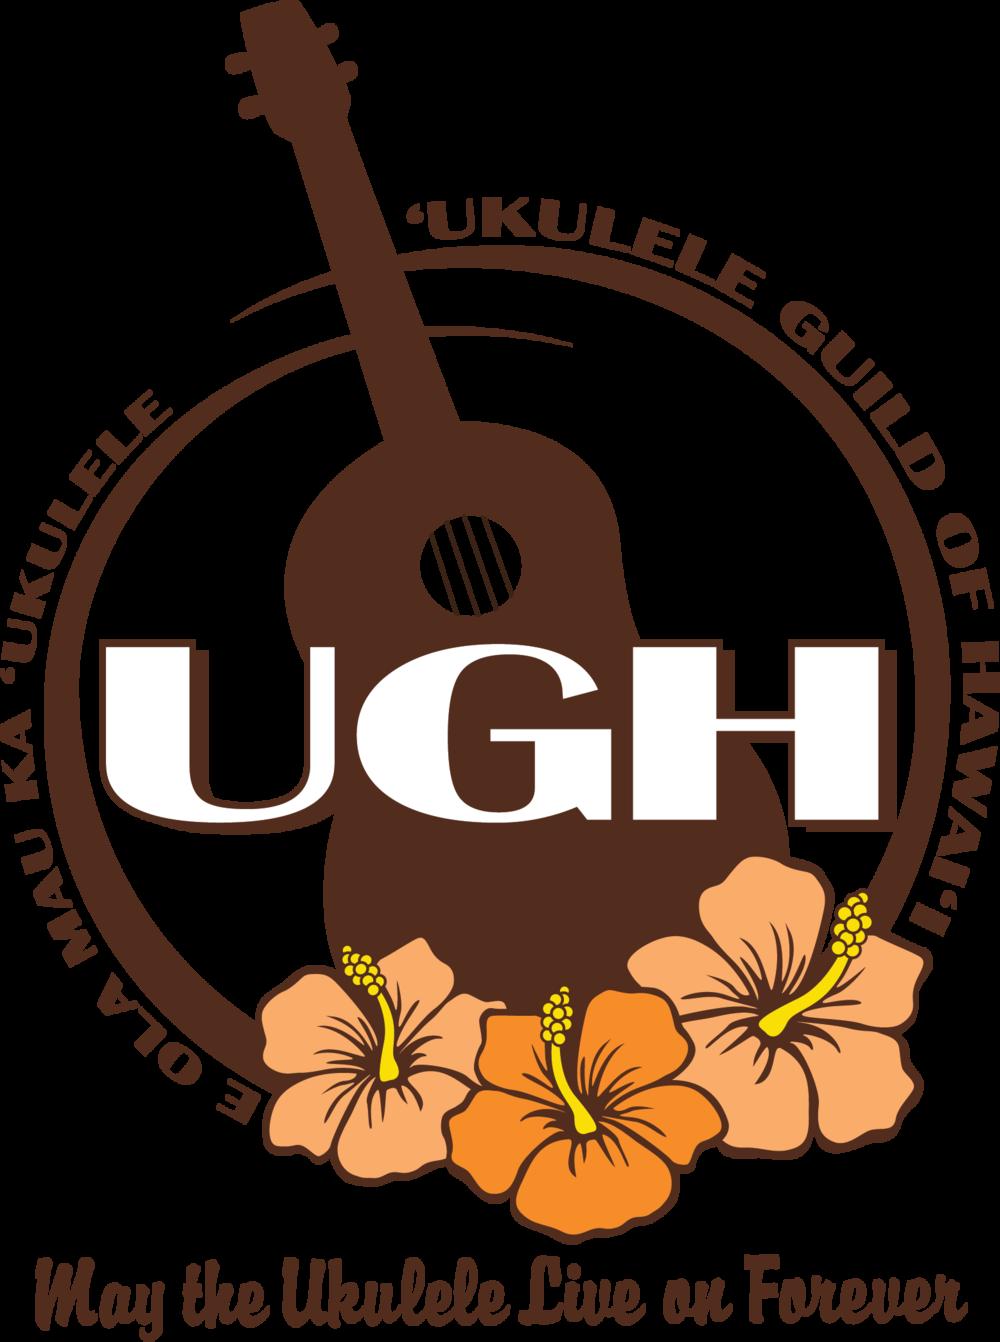 Hawaii clipart hawaiian ukulele. Guild of kimo continues